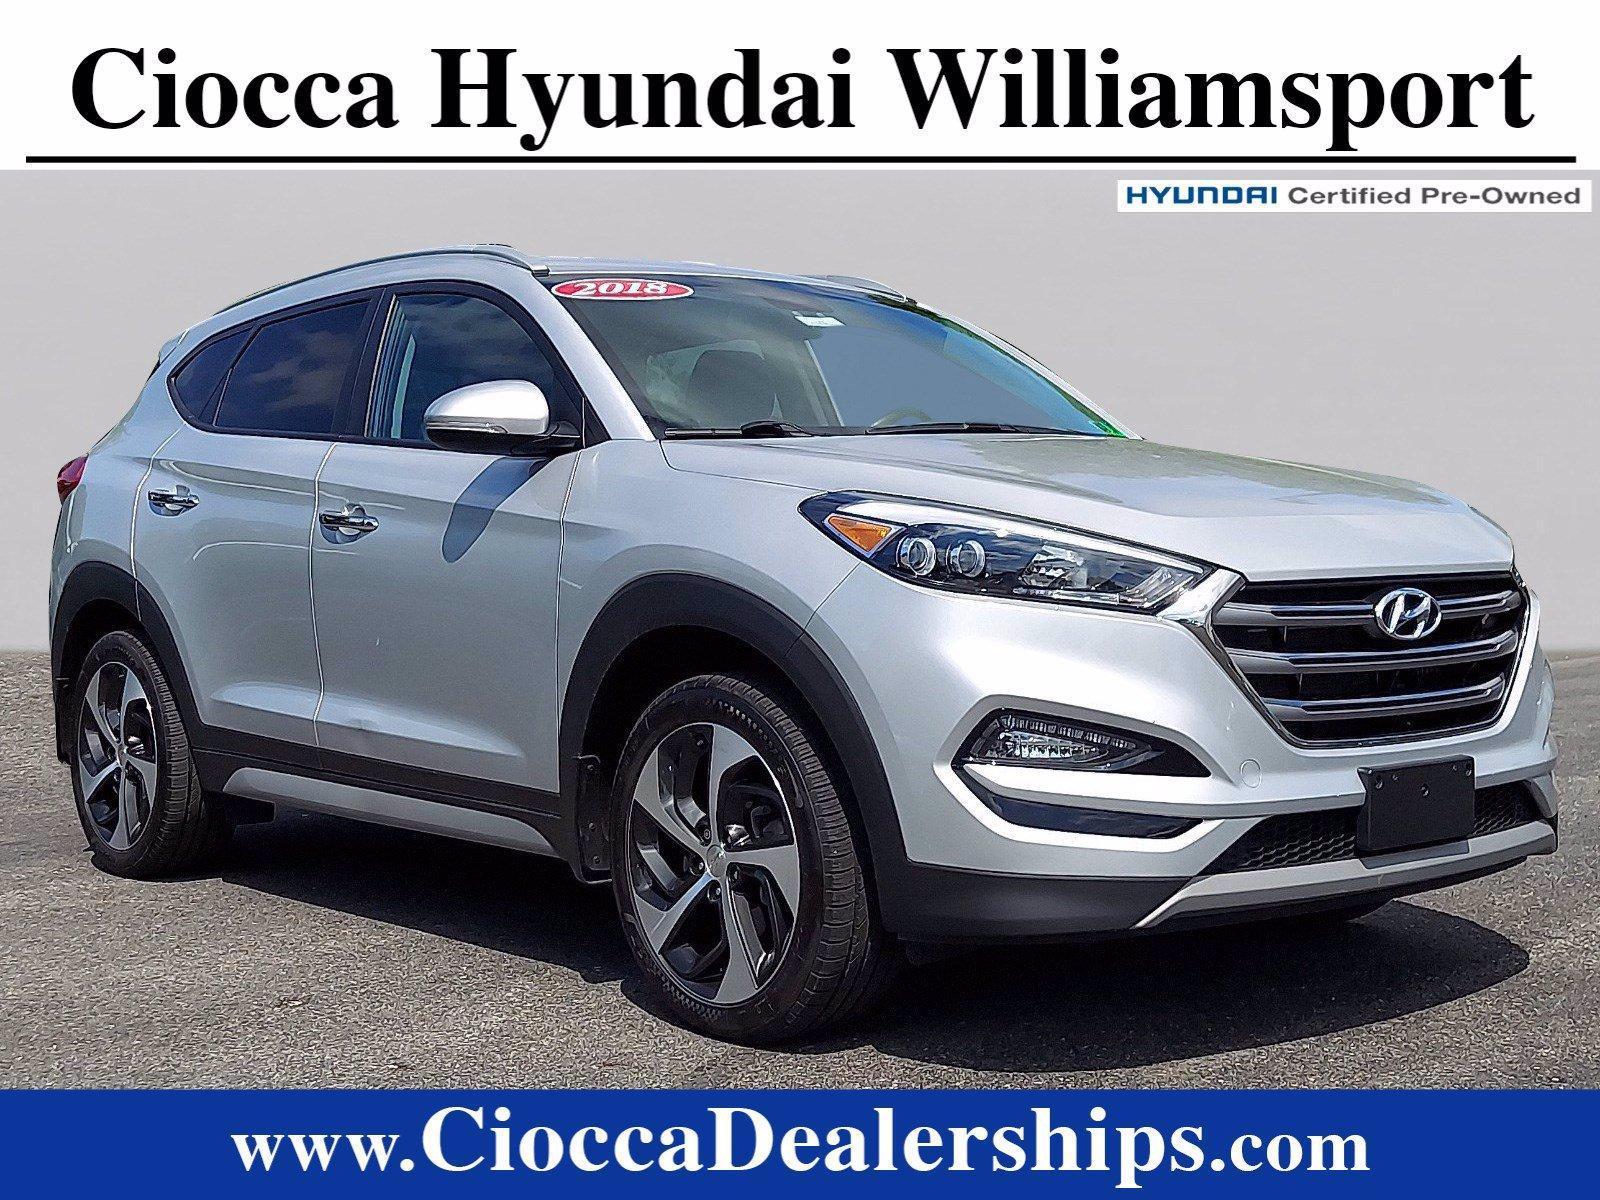 2018 Hyundai Tucson Vehicle Photo in Muncy, PA 17756